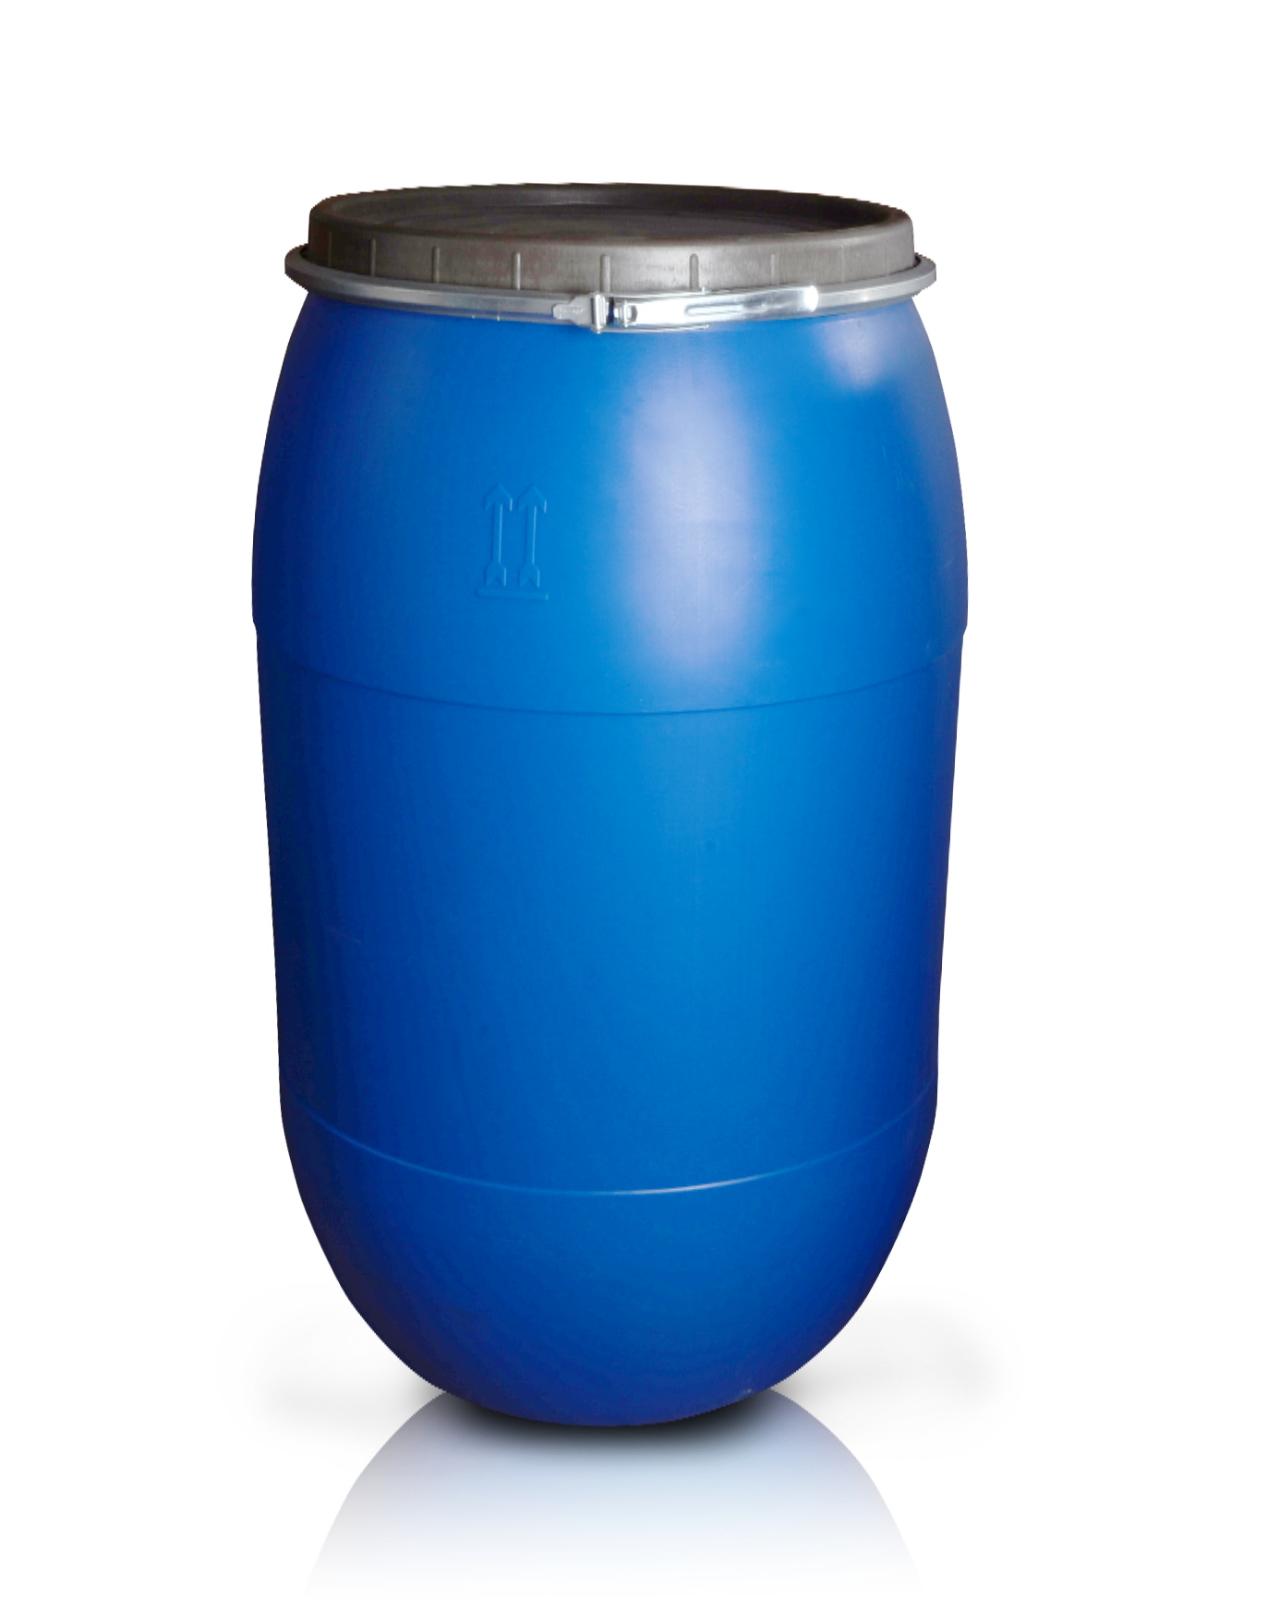 Baril en plastique 60L de Stockage Eau Tambour Barillet Conteneur Tonneau Bleu